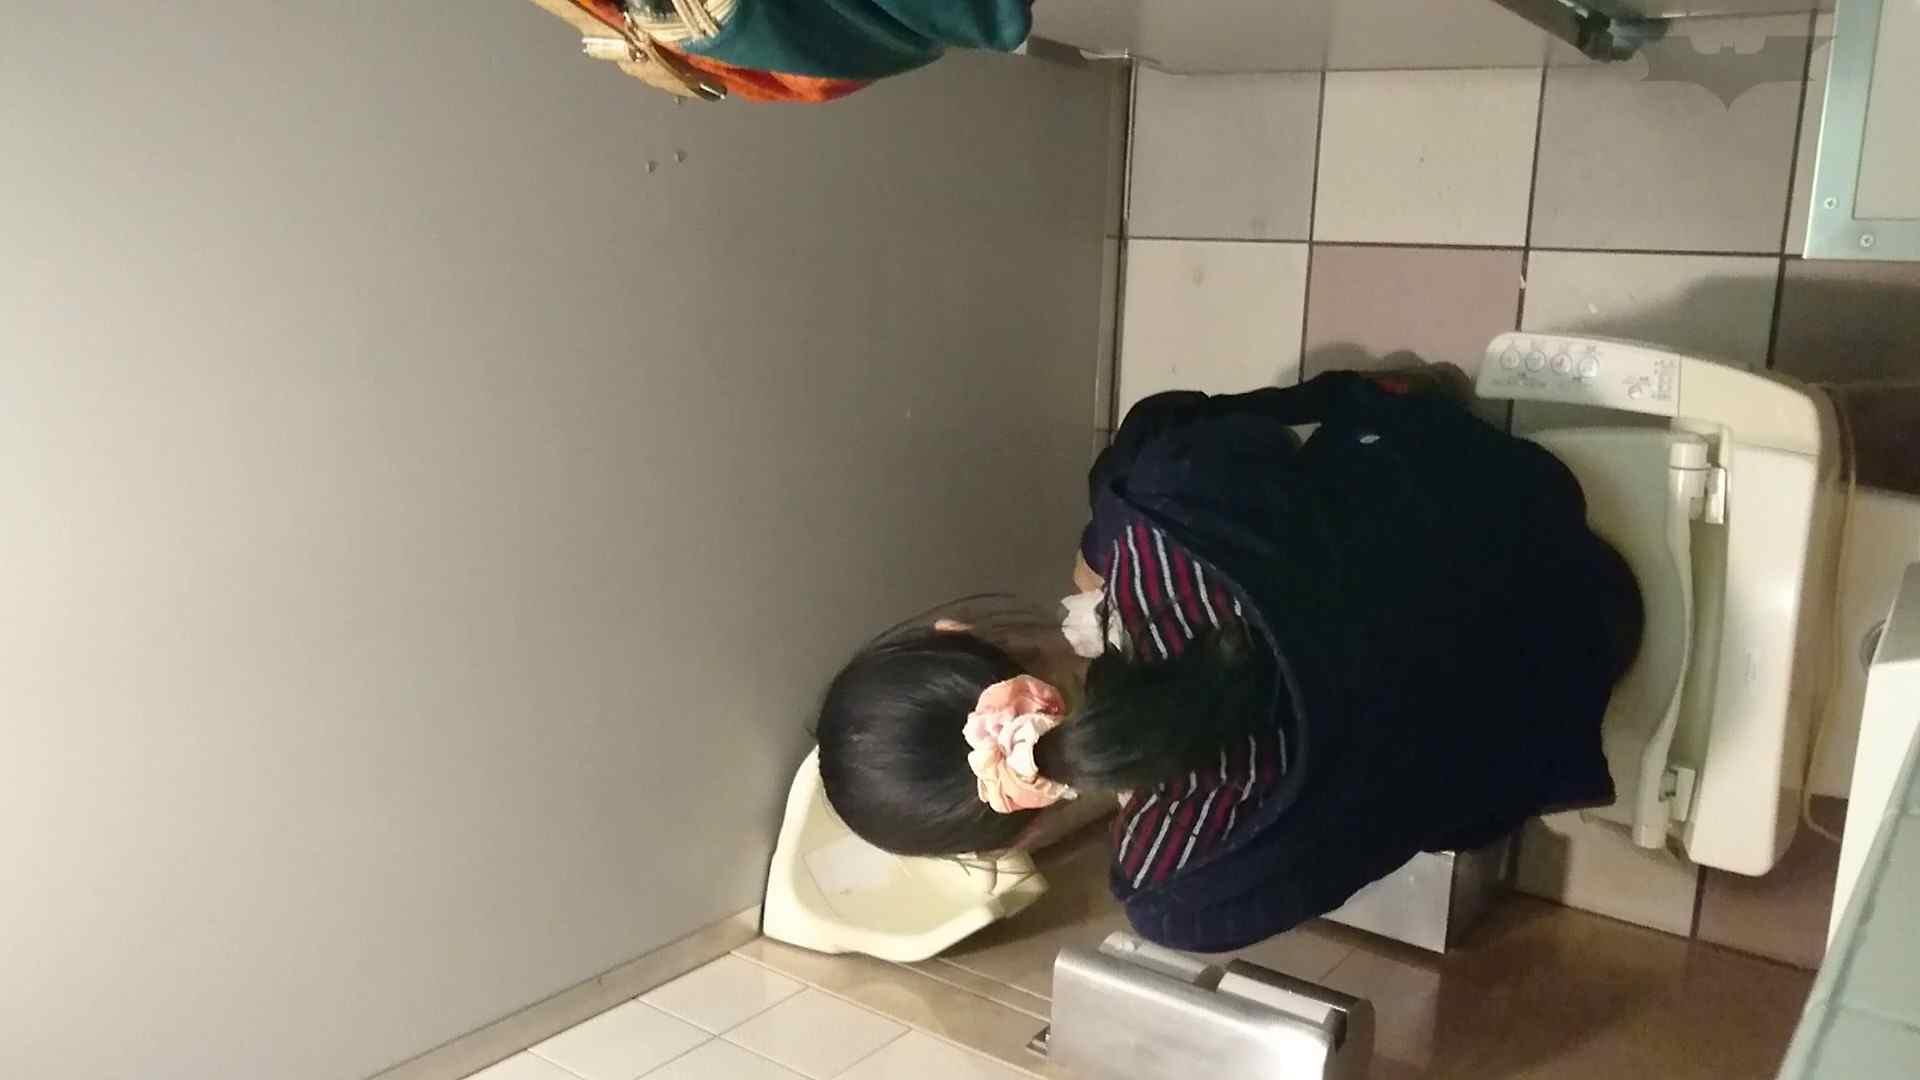 化粧室絵巻 ショッピングモール編 VOL.16 0 | HなOL  94pic 7